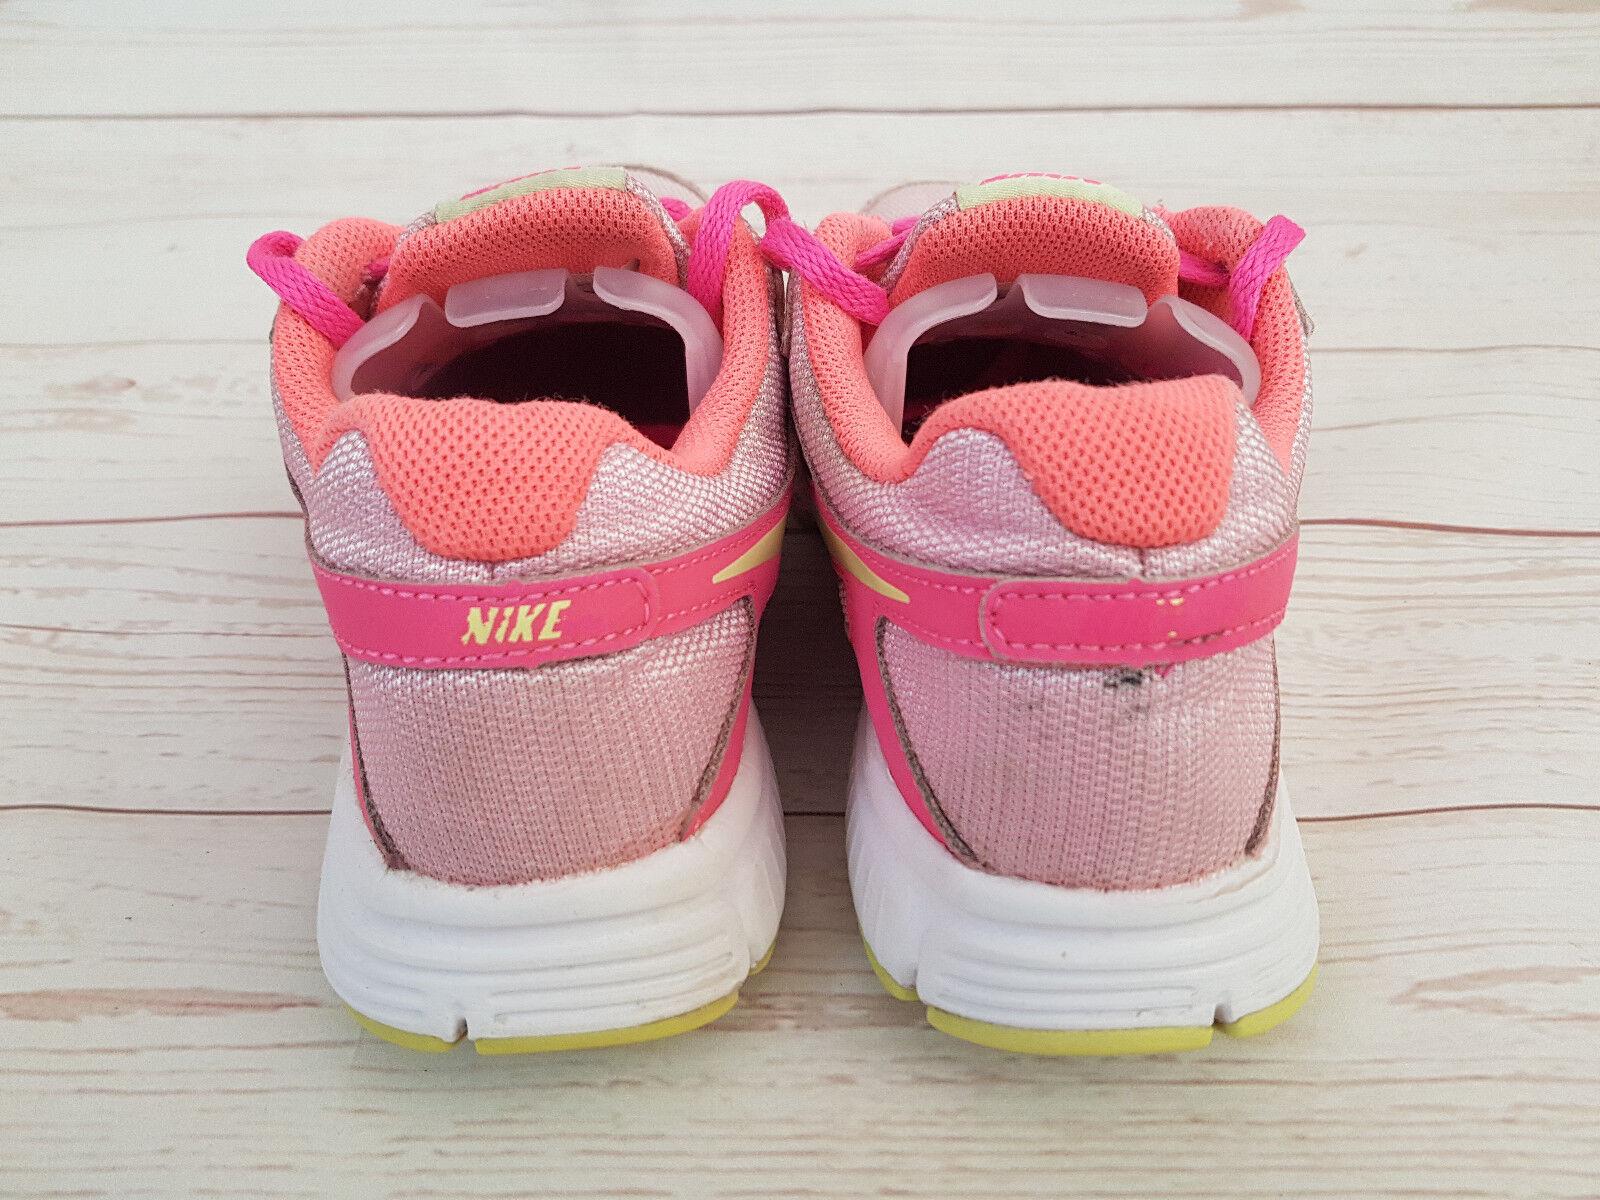 nike rivoluzione 2 g di donne ragazze rosa rosa rosa arancio a formatori | Lo stile più nuovo  | Uomini/Donne Scarpa  | Scolaro/Signora Scarpa  | Maschio/Ragazze Scarpa  b3179b